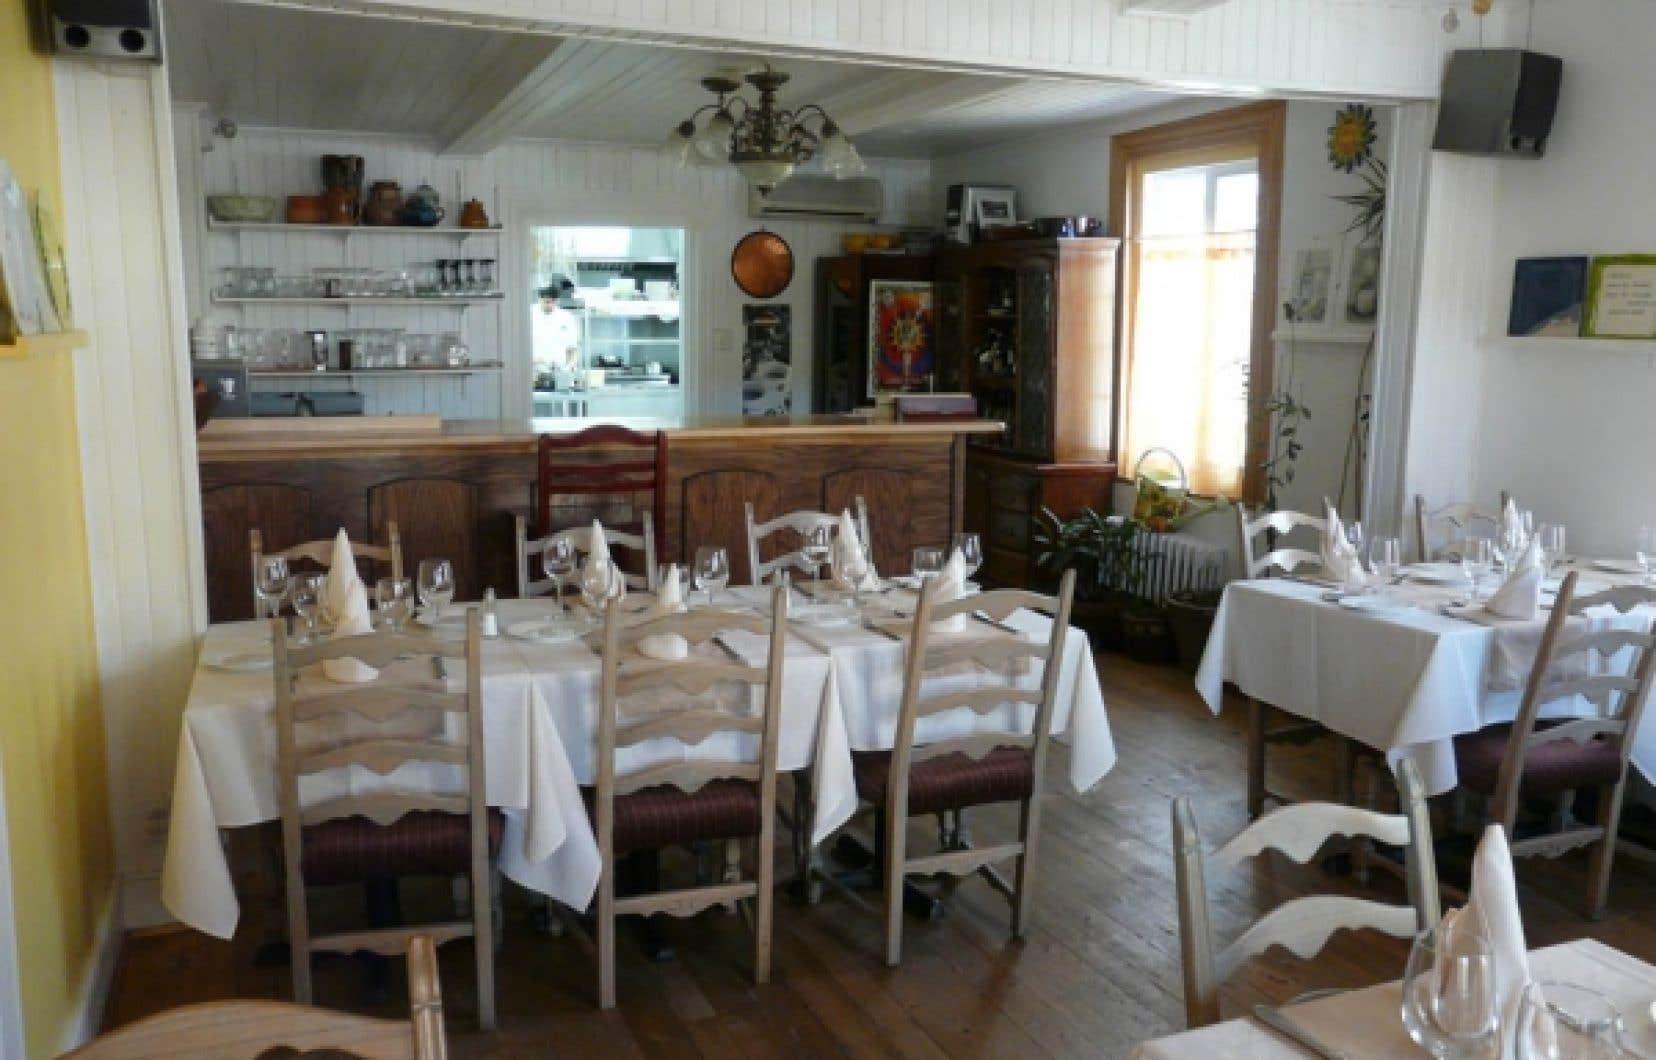 Dans l'agréable maison centenaire de style canadien où loge Le 51, la salle à manger d'une quarantaine de places est divisée en trois sections qui favorisent l'intimité.<br />